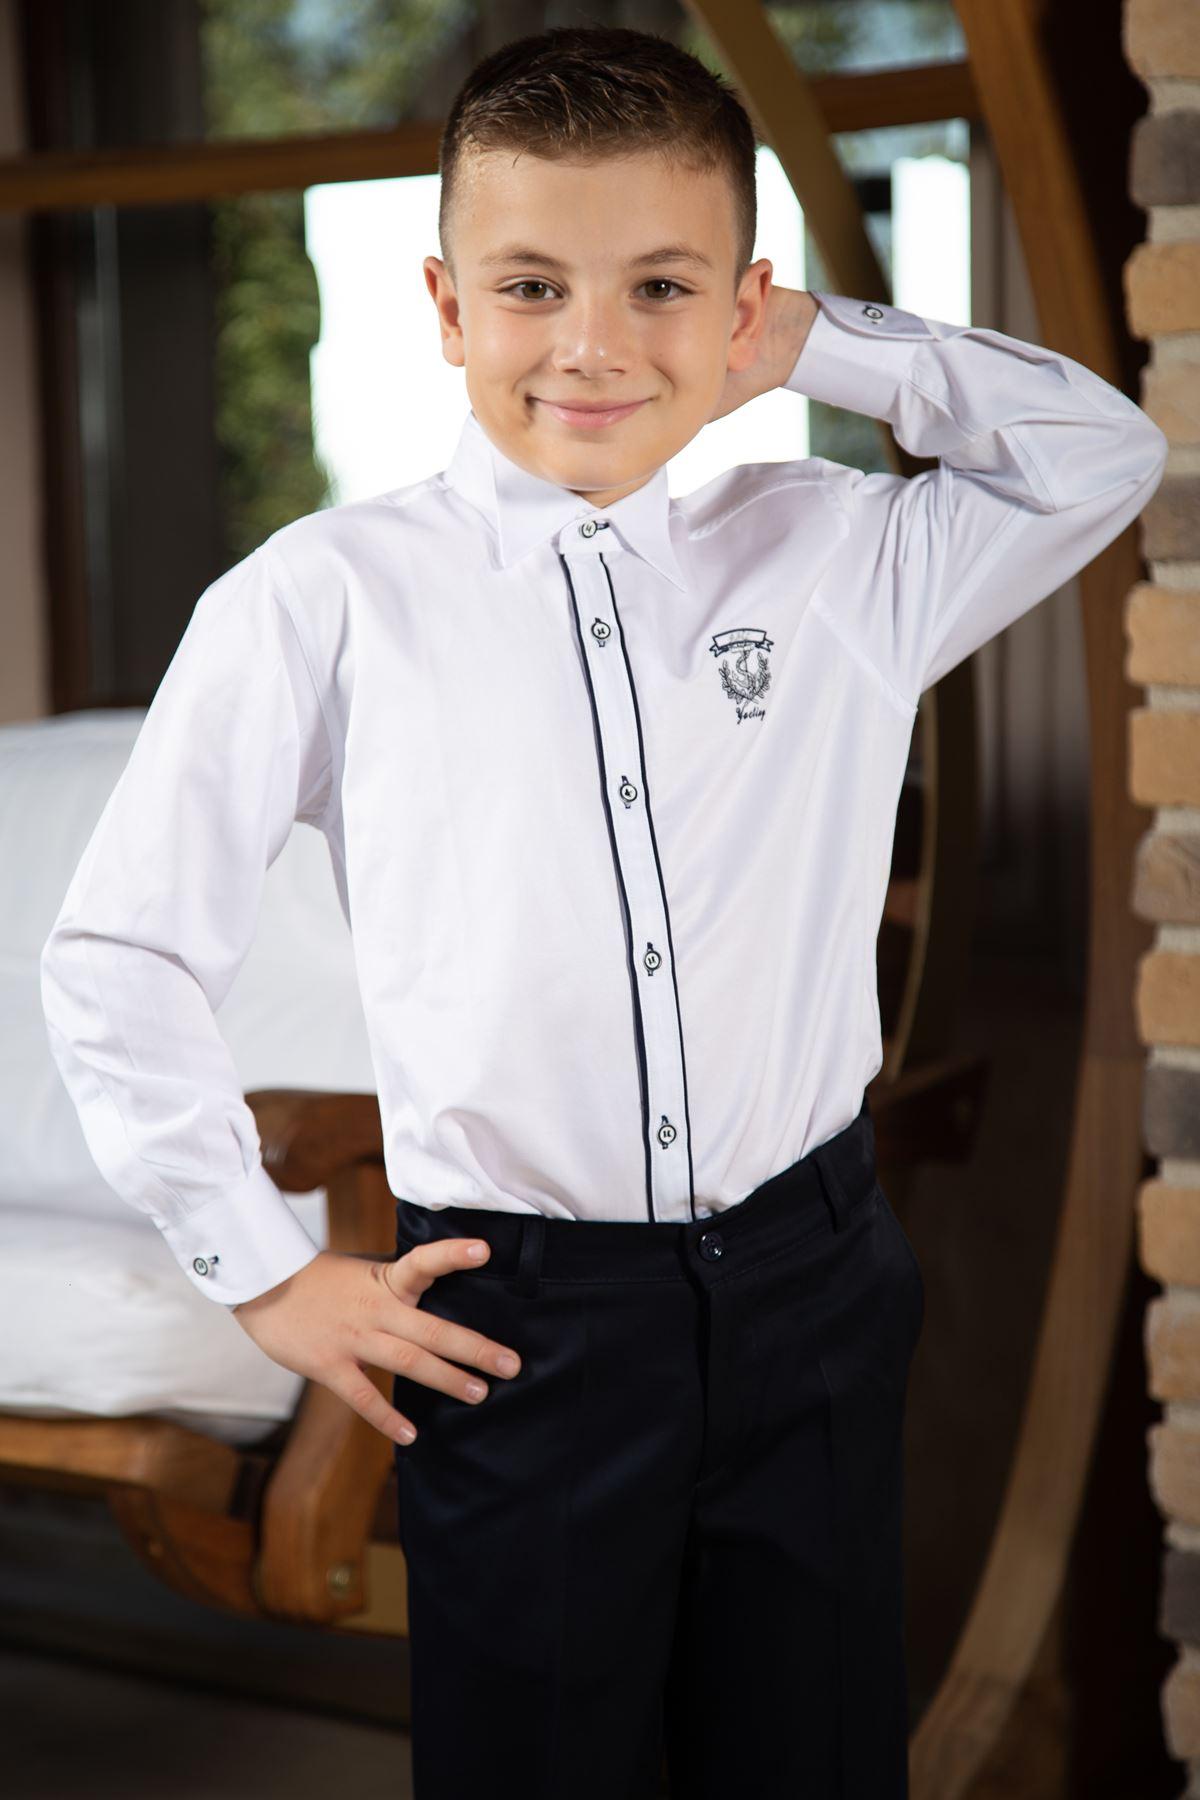 צווארון סוס, עניבת צי כפולה, פירוט רקמה, חולצת הבנים 1006 לבן